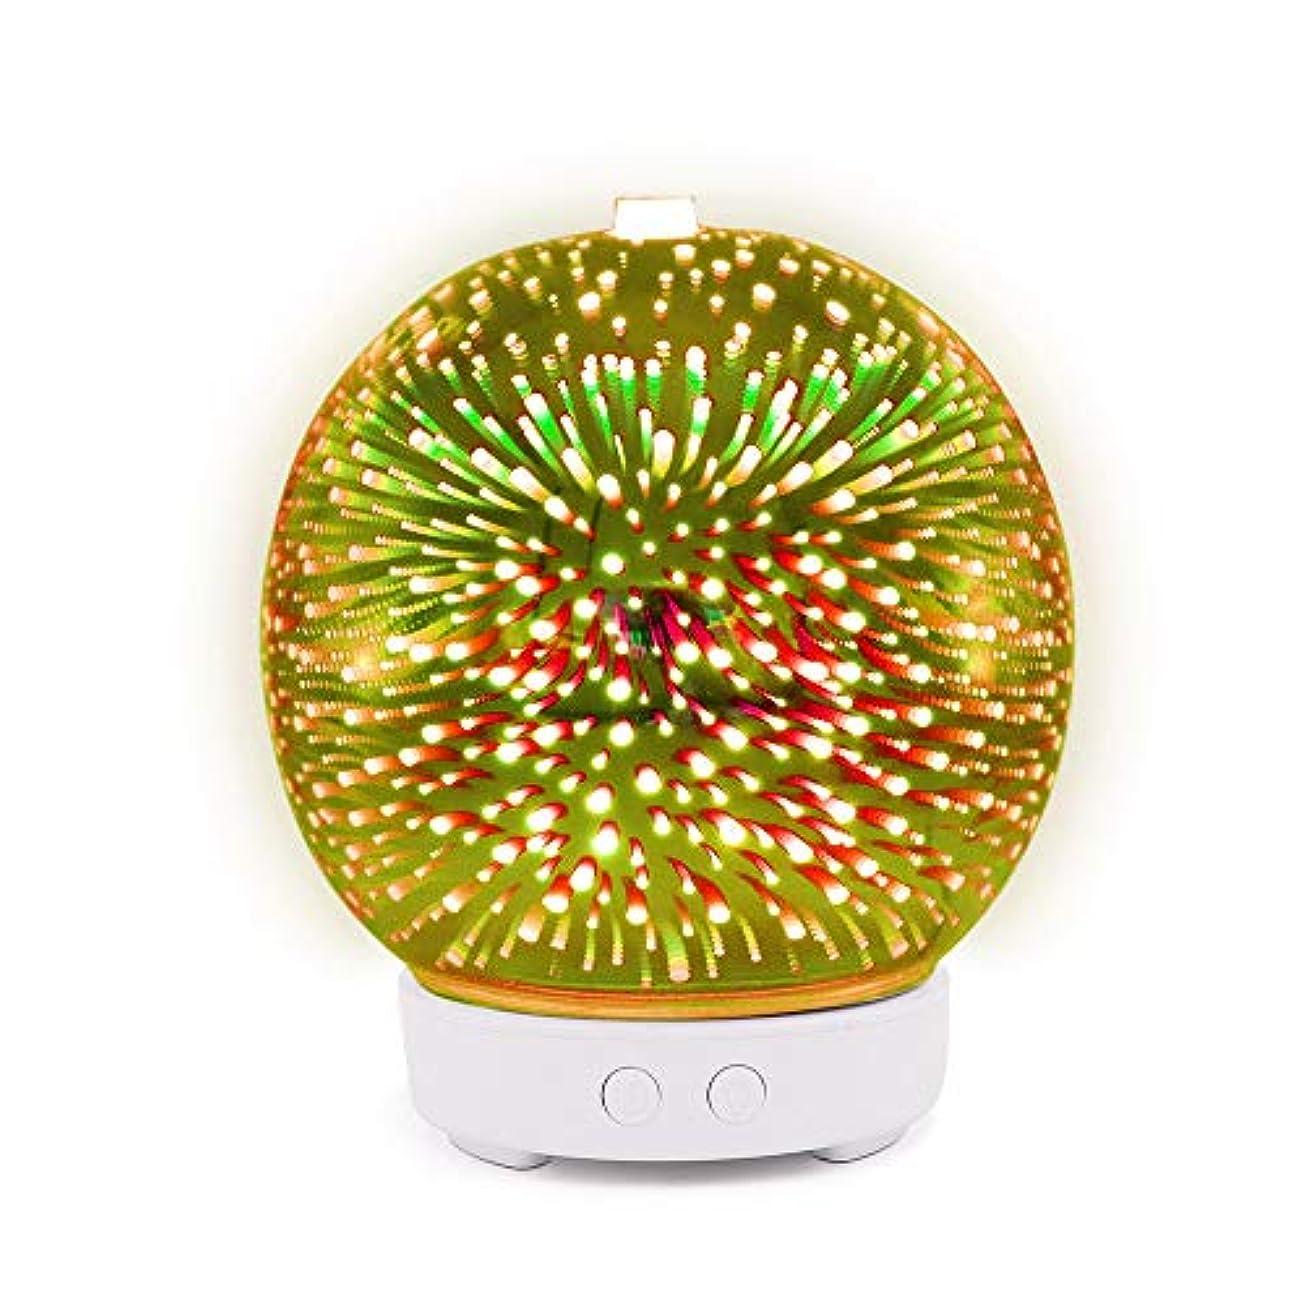 加速度世代絶え間ないDecdeal アロマディフューザー 3D ガラス アロマセラピー 加湿器 7色LEDライト付き 自動シャットオフ